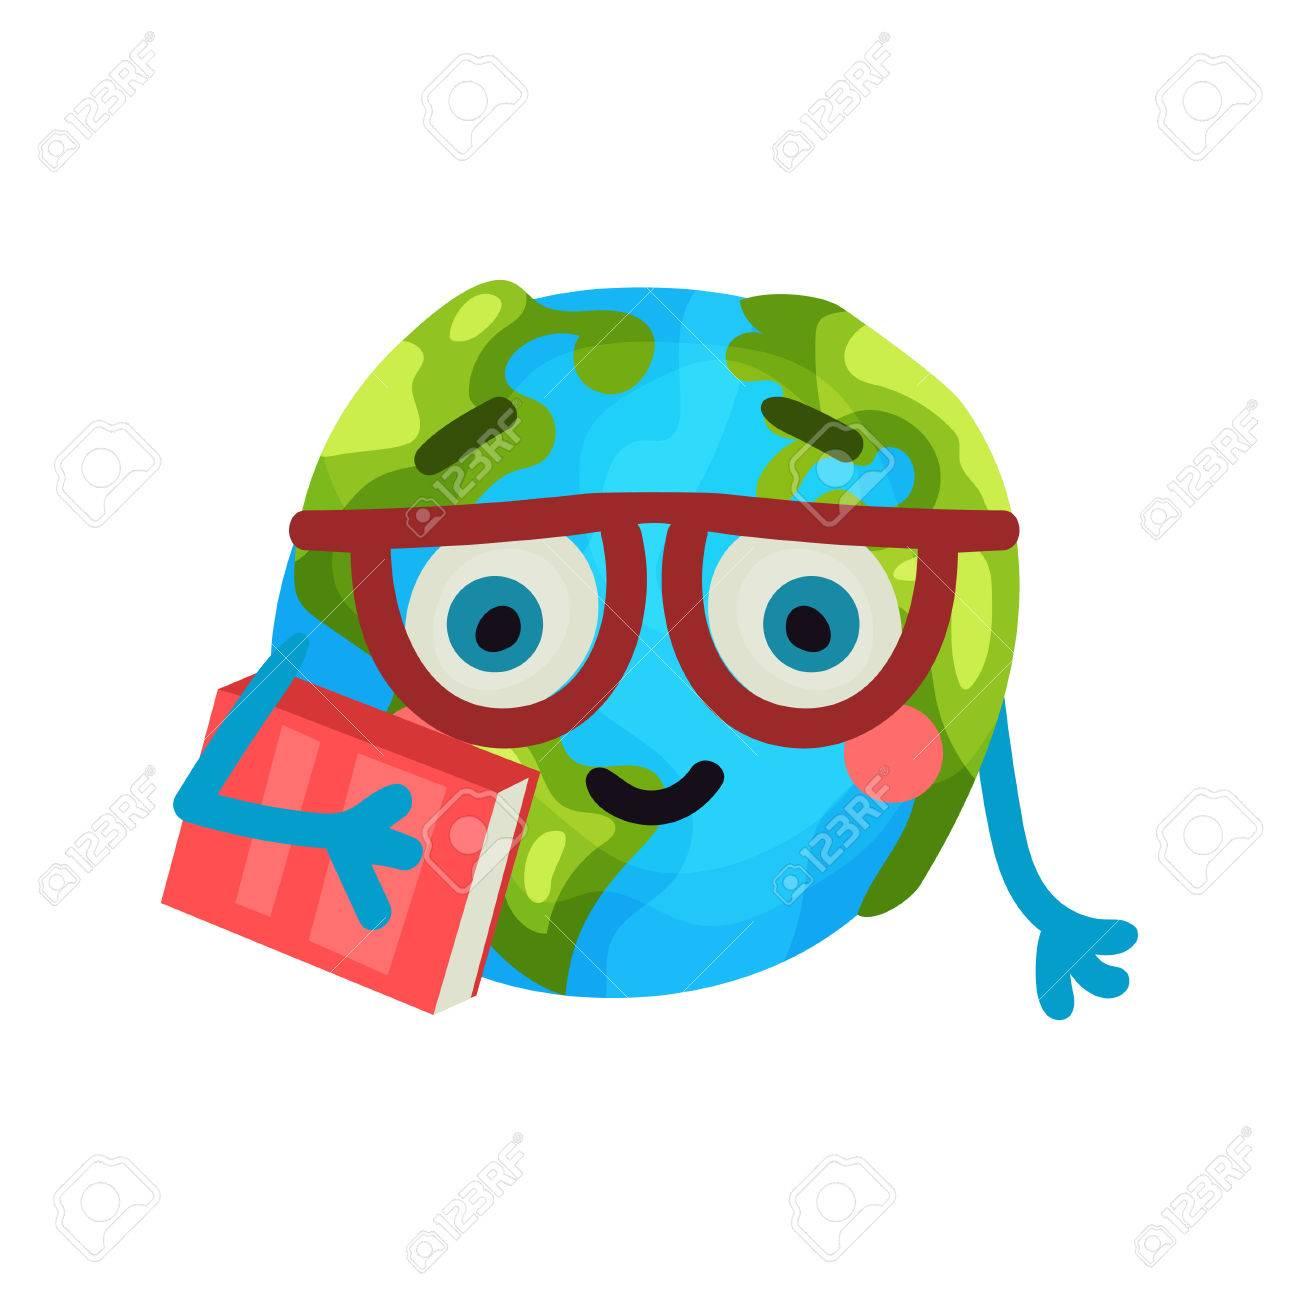 Smart Cartoon Drole Planete Terre Emoji Portant Des Lunettes Tenant Un Livre Humanized Globe Personnage Avec Des Emotions Vecteur Colore Illustration